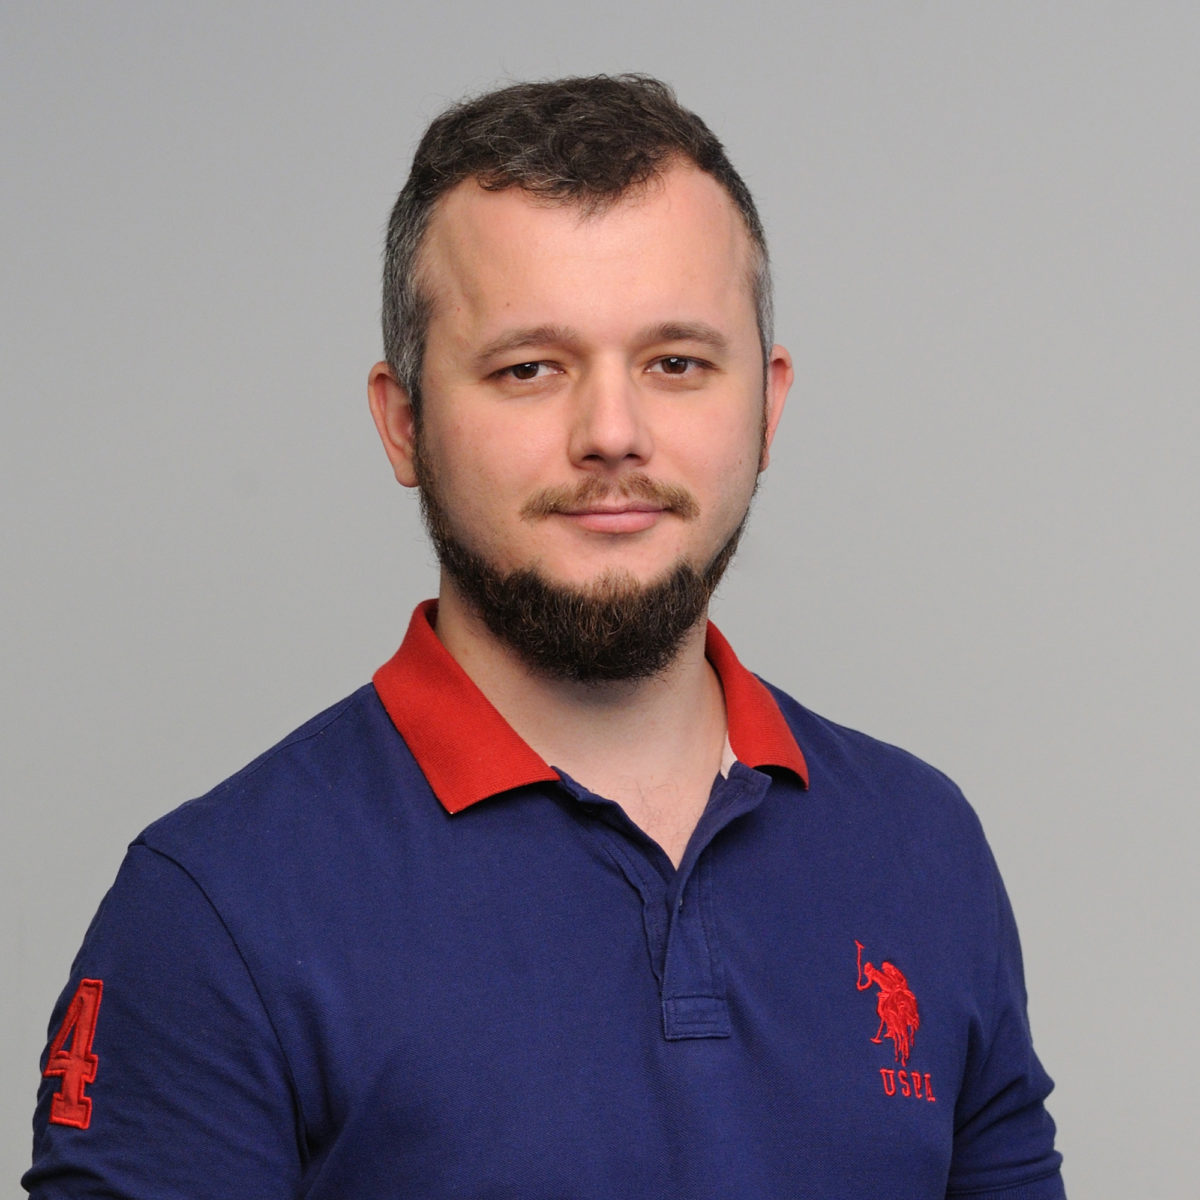 Kilkeev Denis Ravilevich